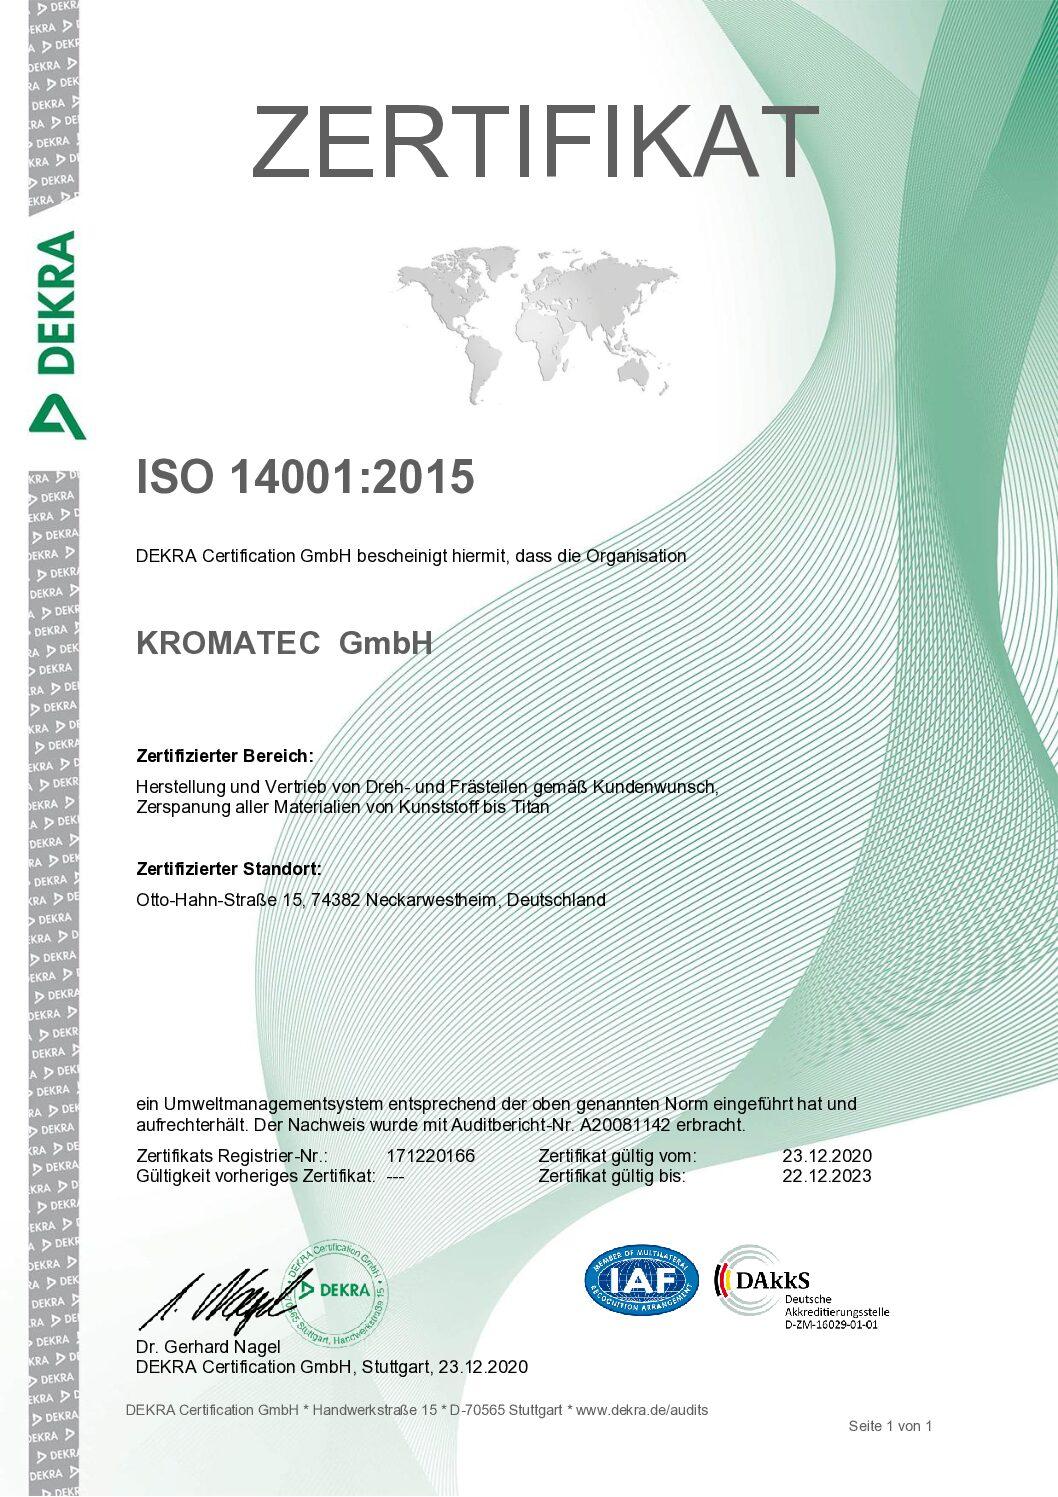 Zertifikat ISO 14001_2015